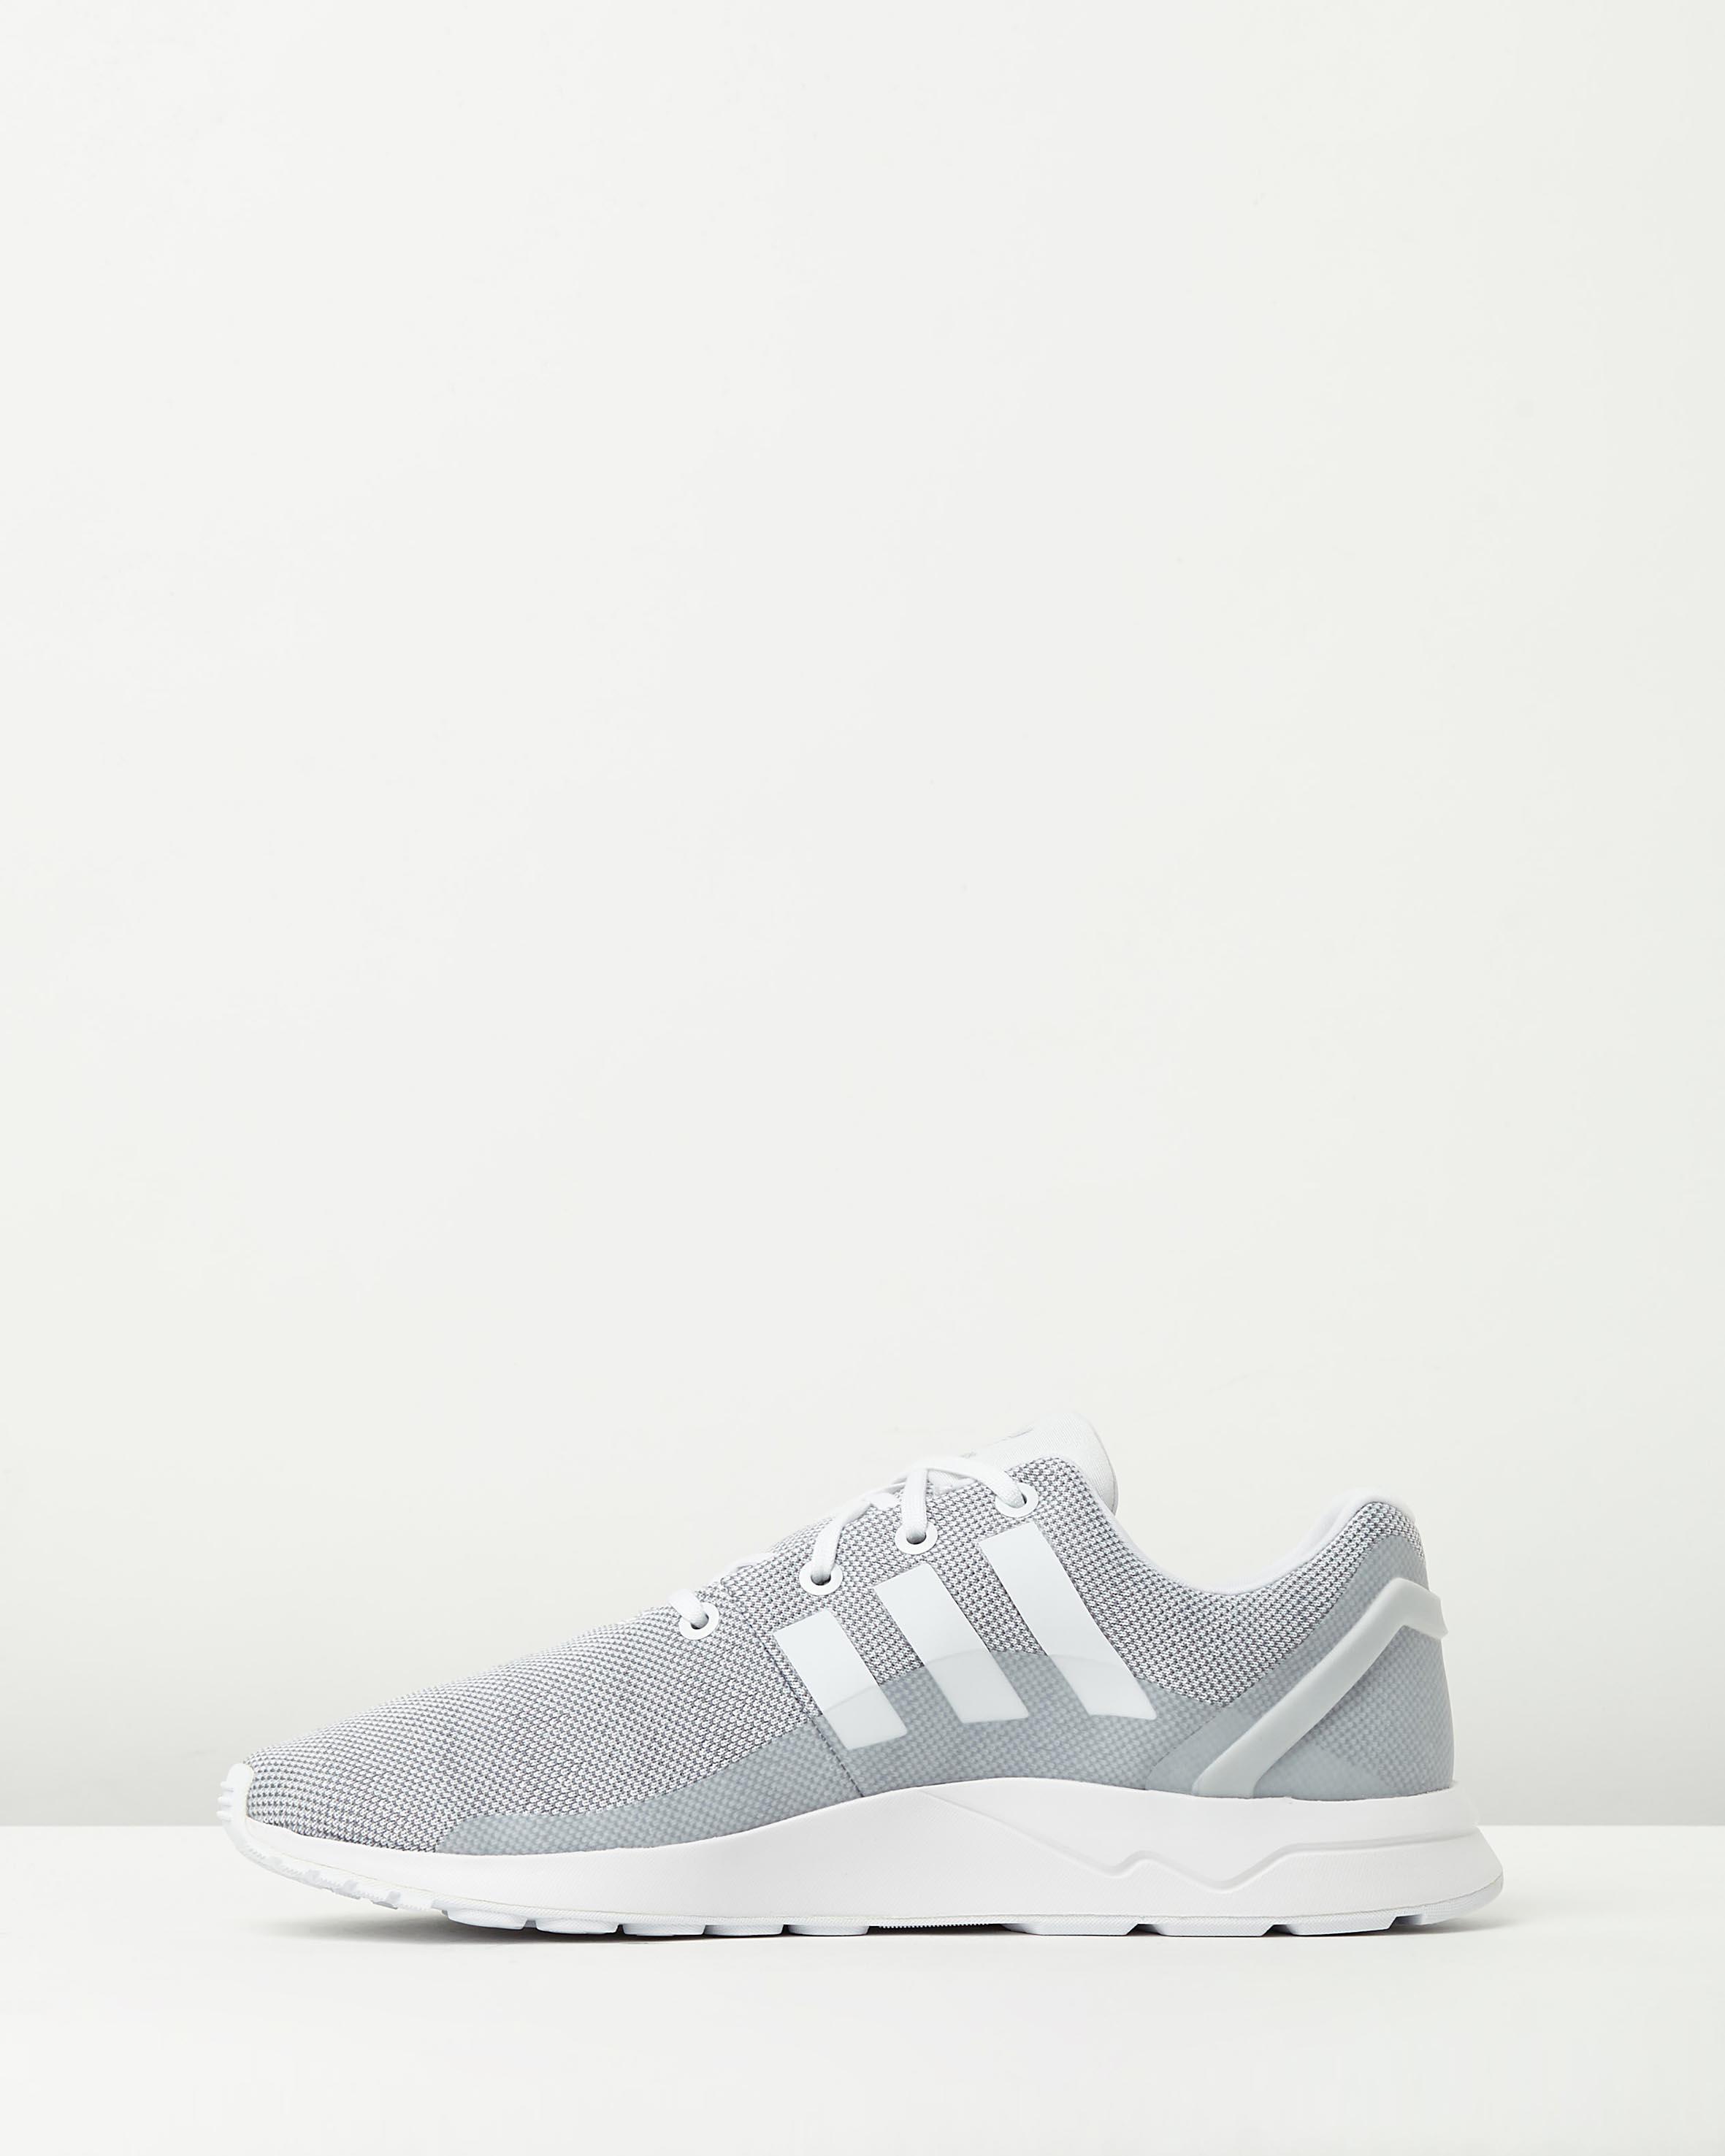 Adidas Zx Flux Adv Tech